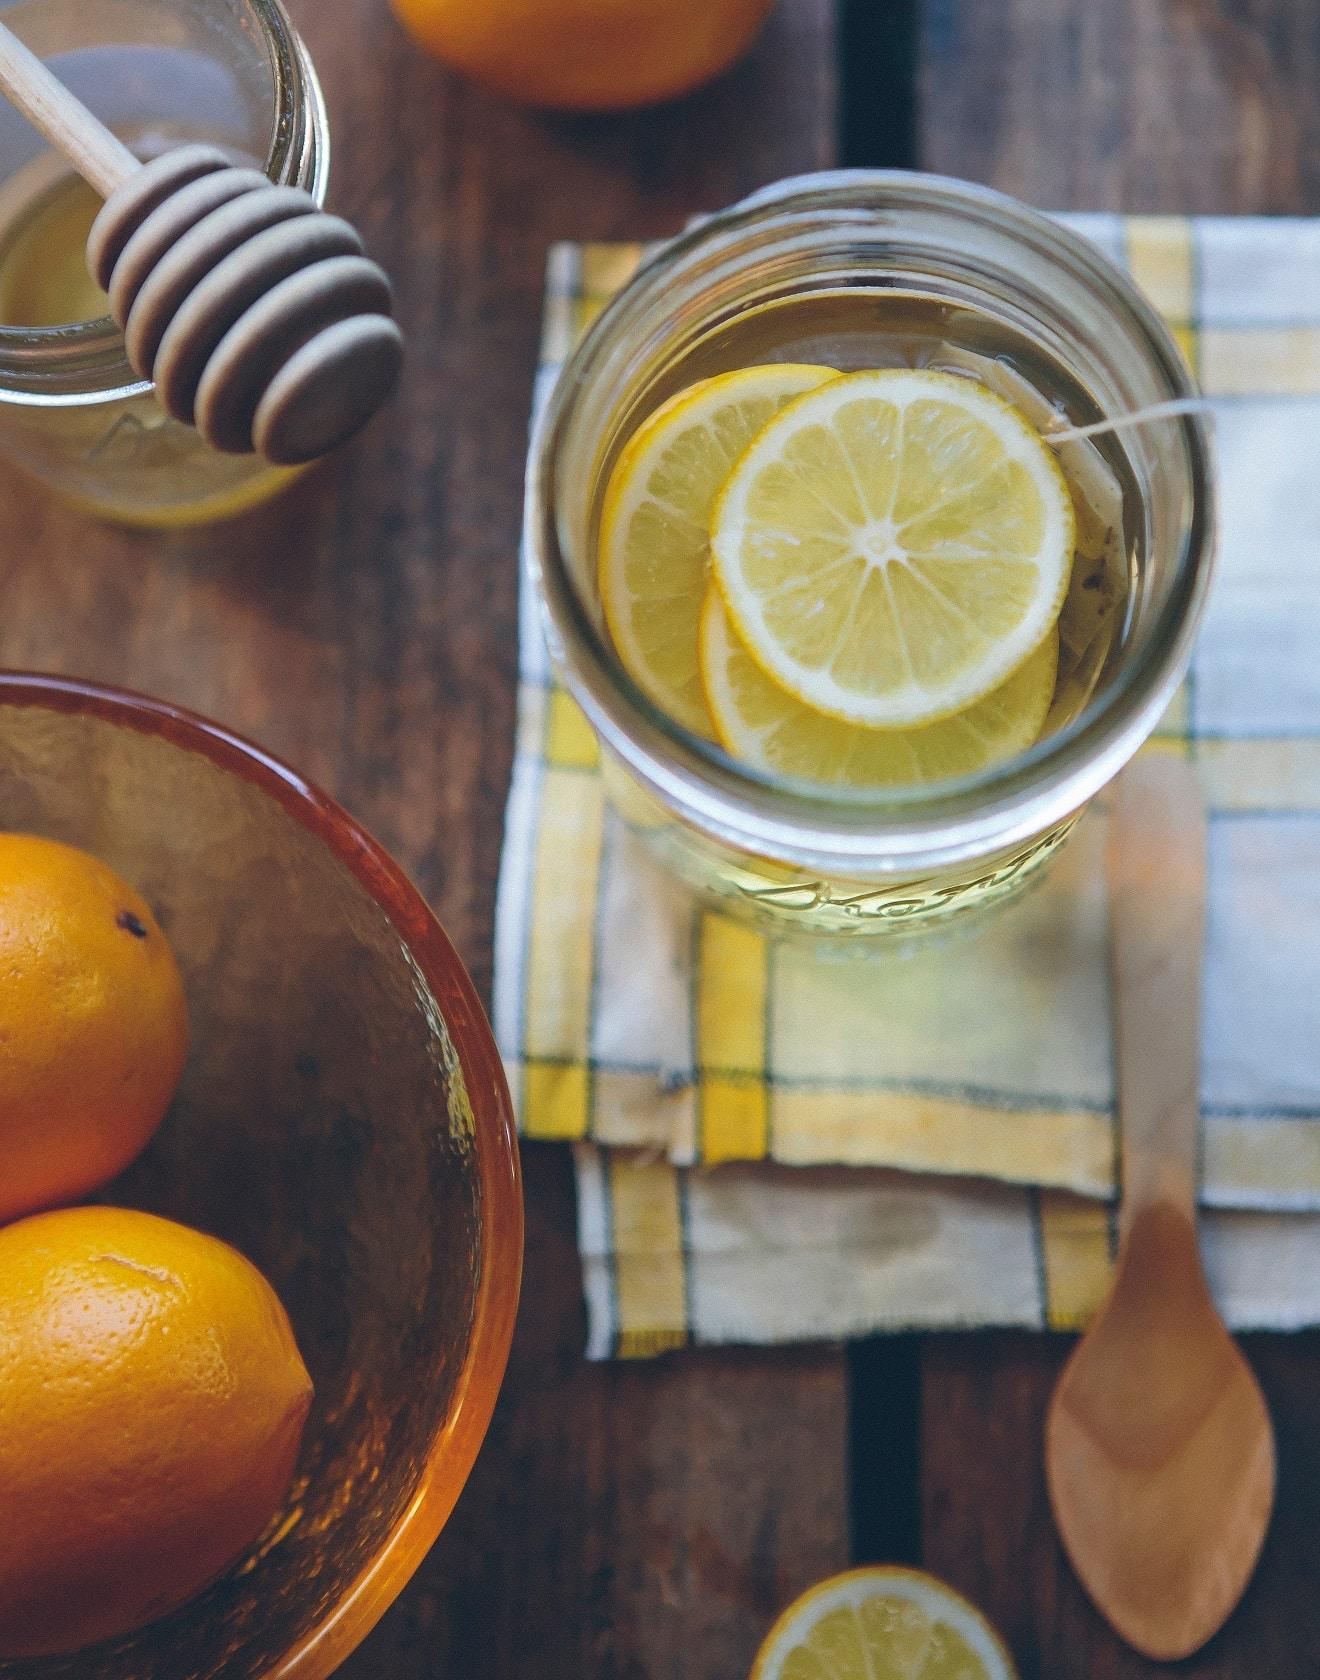 Dowiedz się, jakie zalety posiada dieta rozgrzewająca i jakie produkty wzmacniają naszą odporność